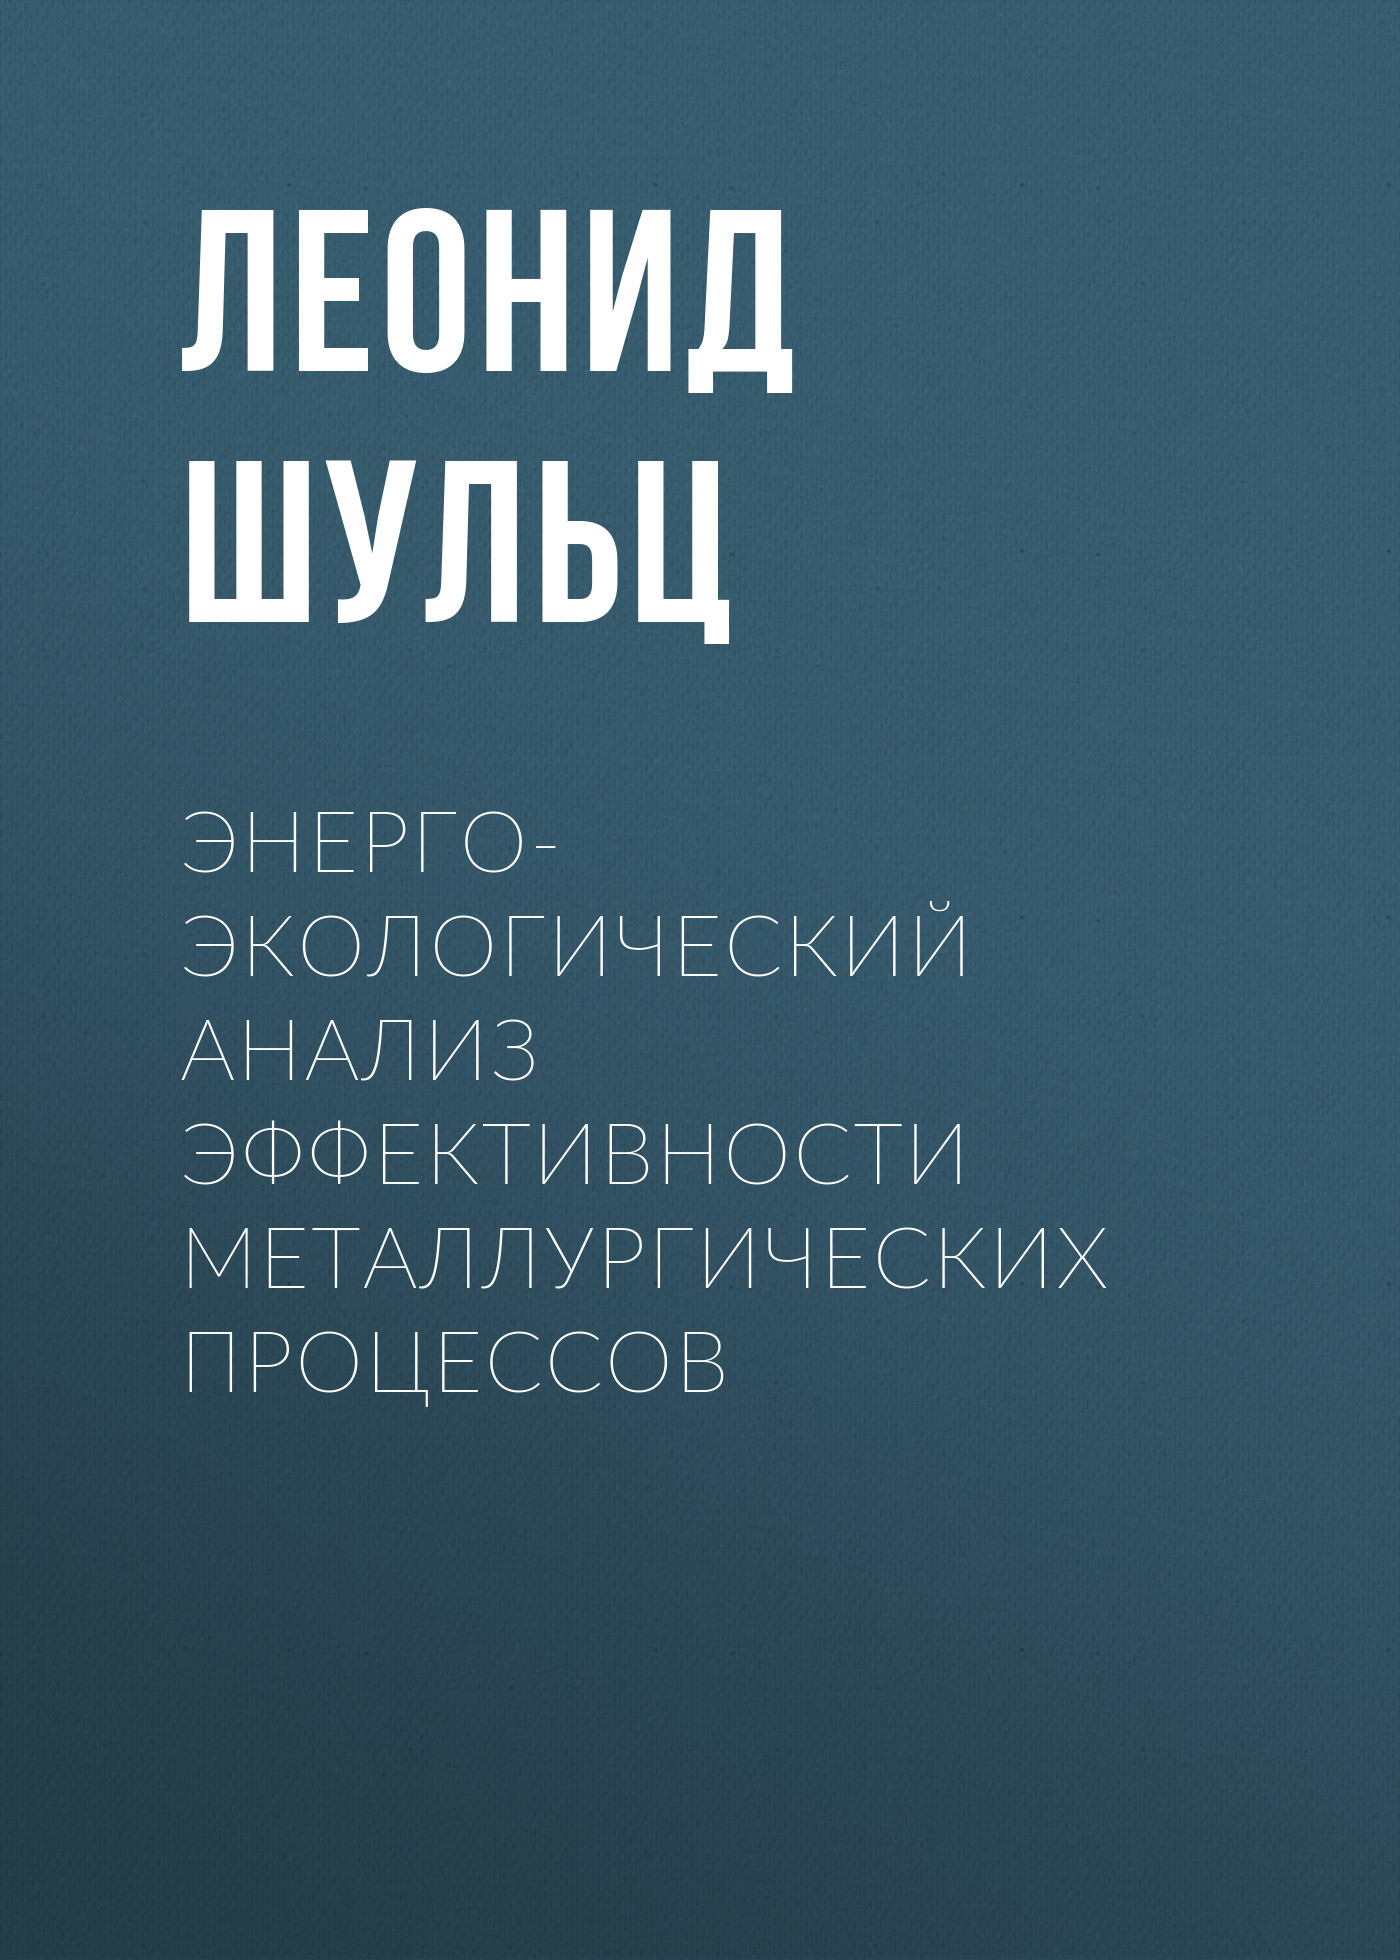 Леонид Шульц Энерго-экологический анализ эффективности металлургических процессов